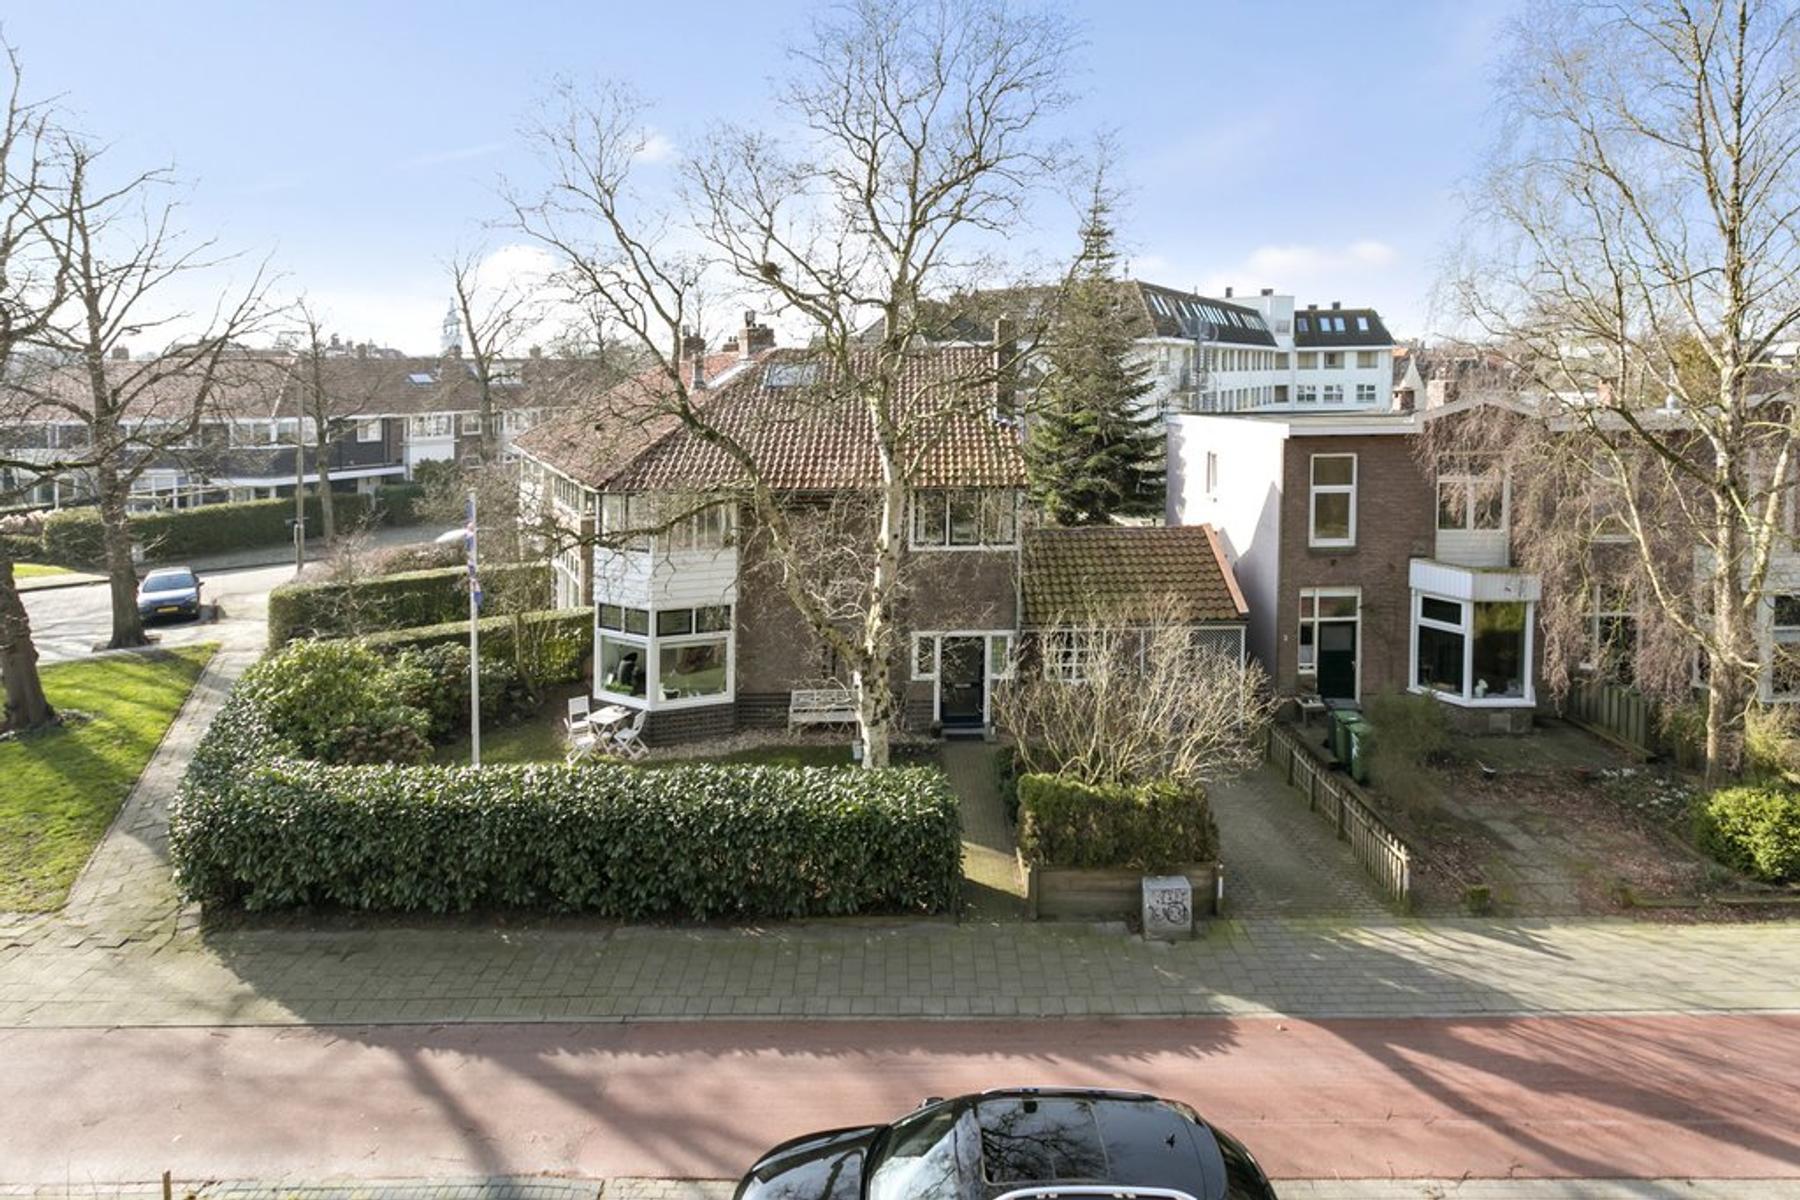 Jelsumerstraat 1 in Leeuwarden 8917 EK